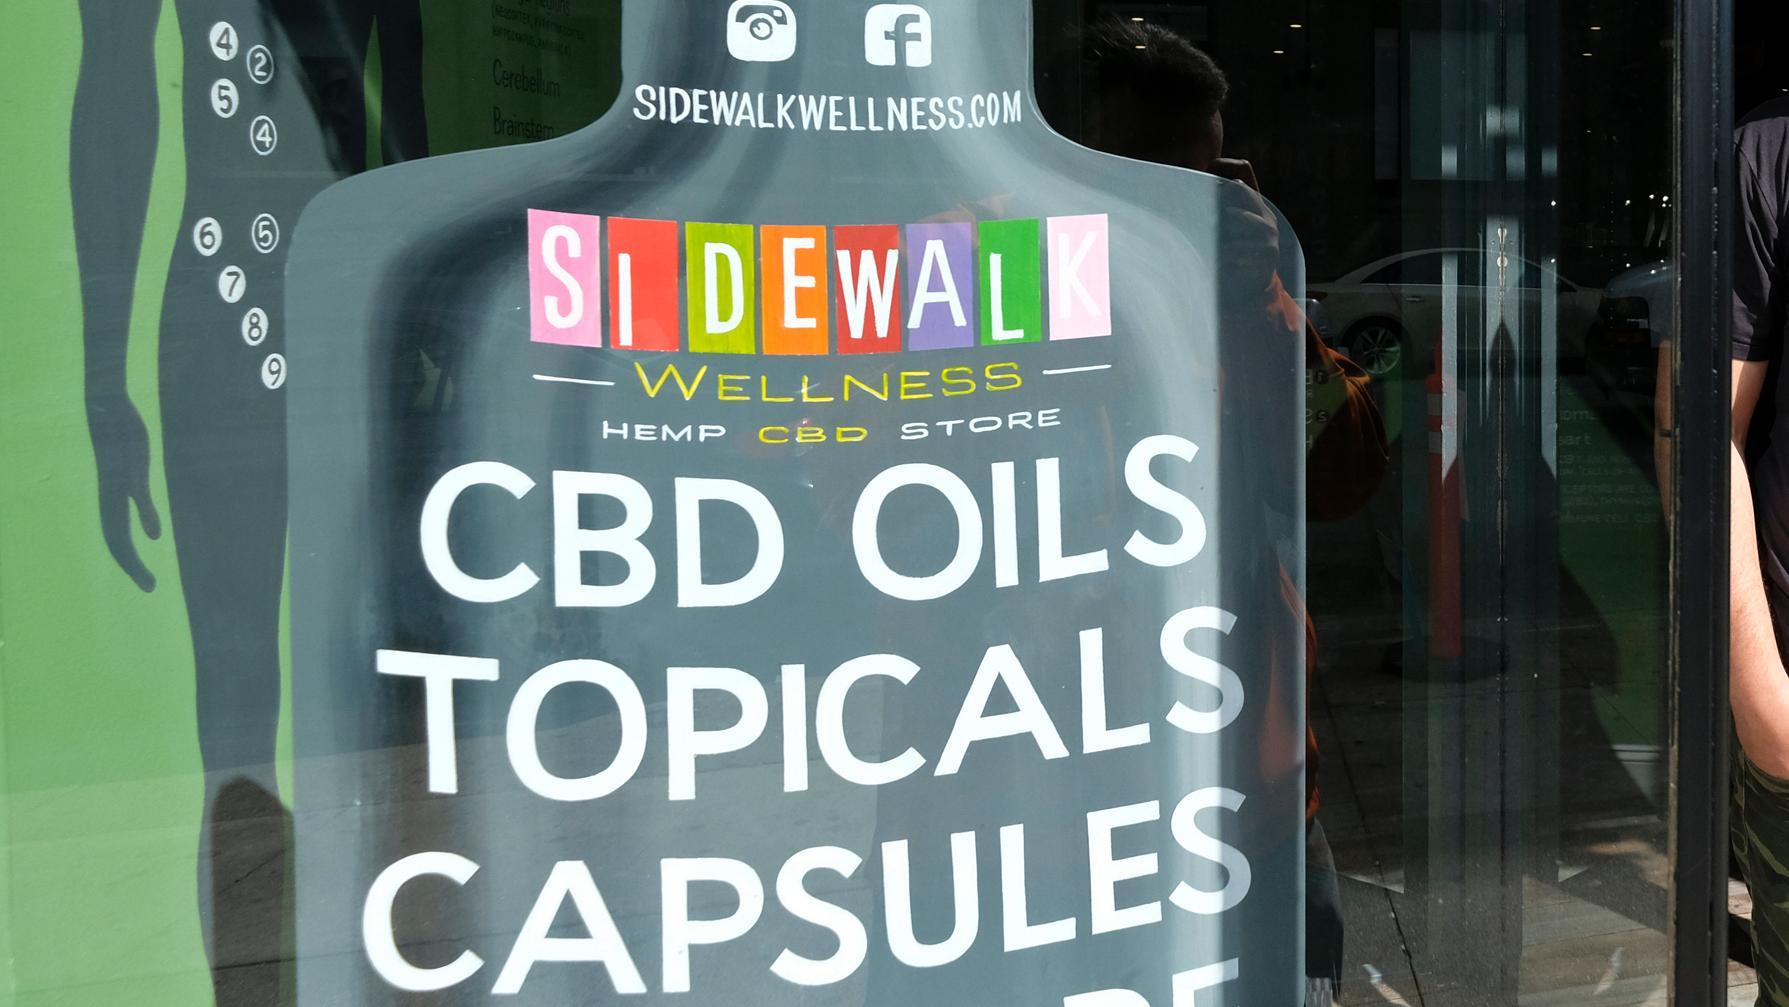 Trots förbud fortsätter många nätbutiker att sälja så kallad CBD-olja som innehåller cannabinoider.